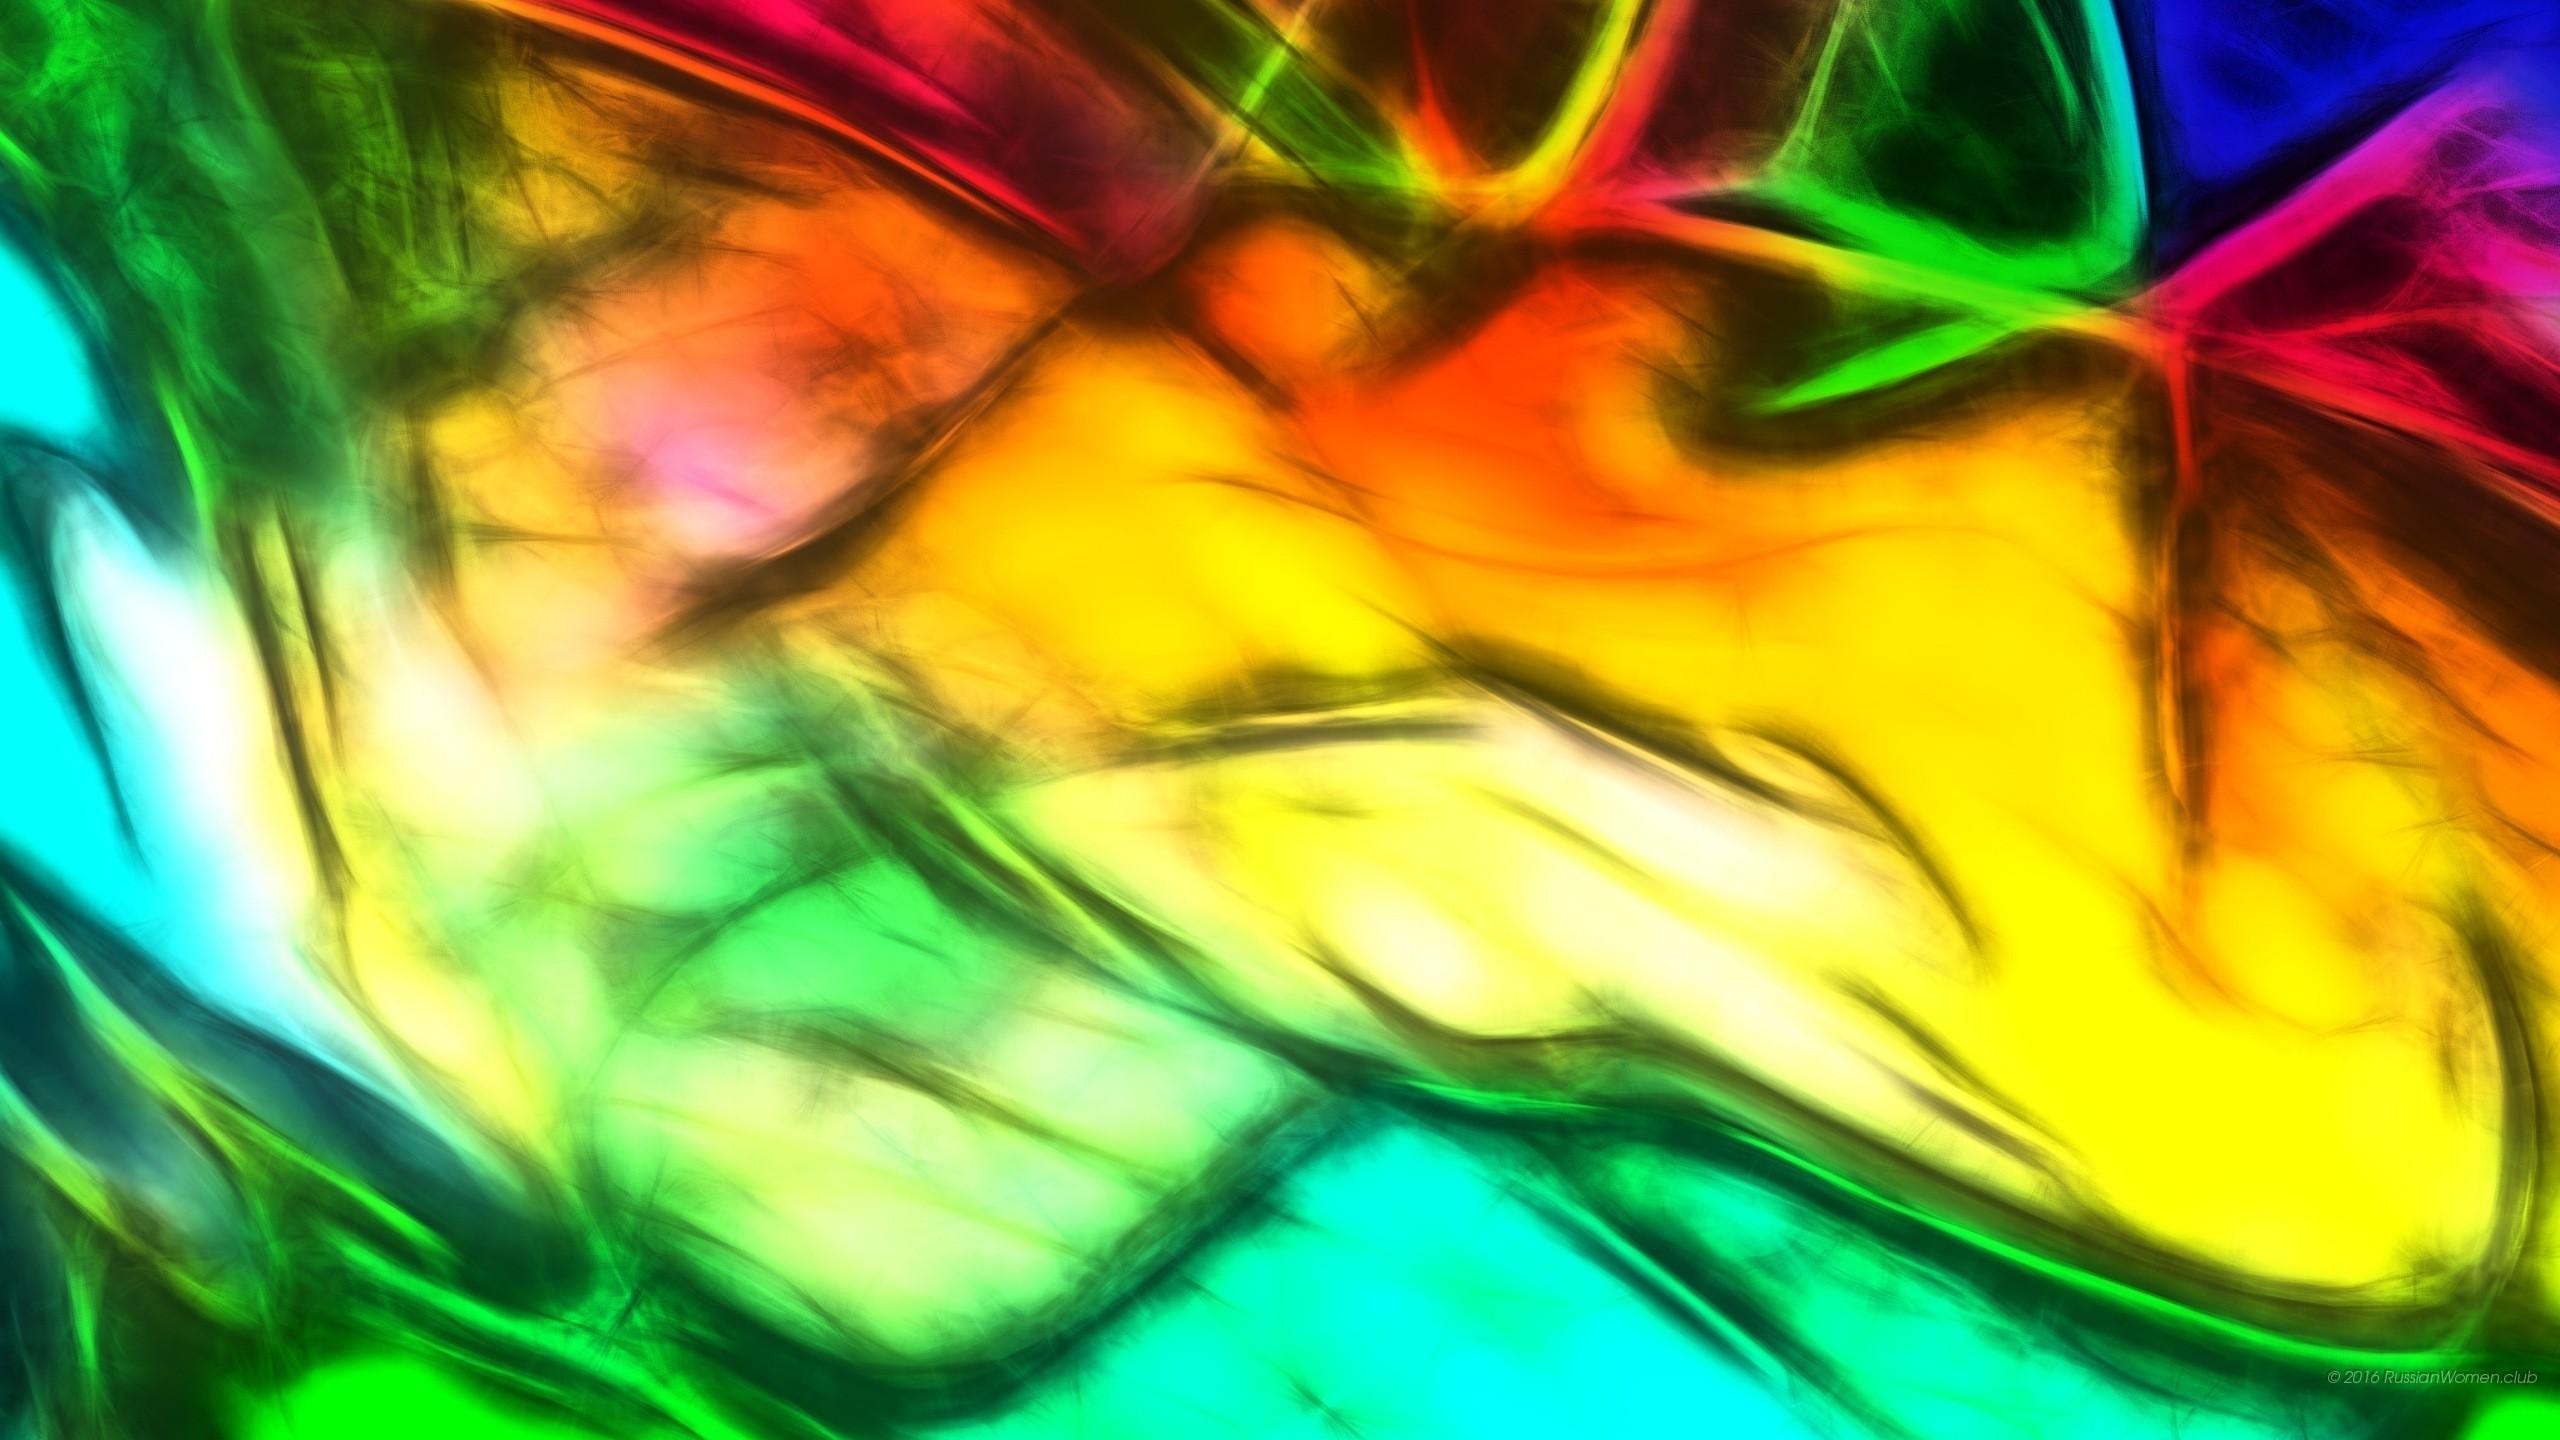 Sfondi per computer 65 immagini for Sfondi hd gratis